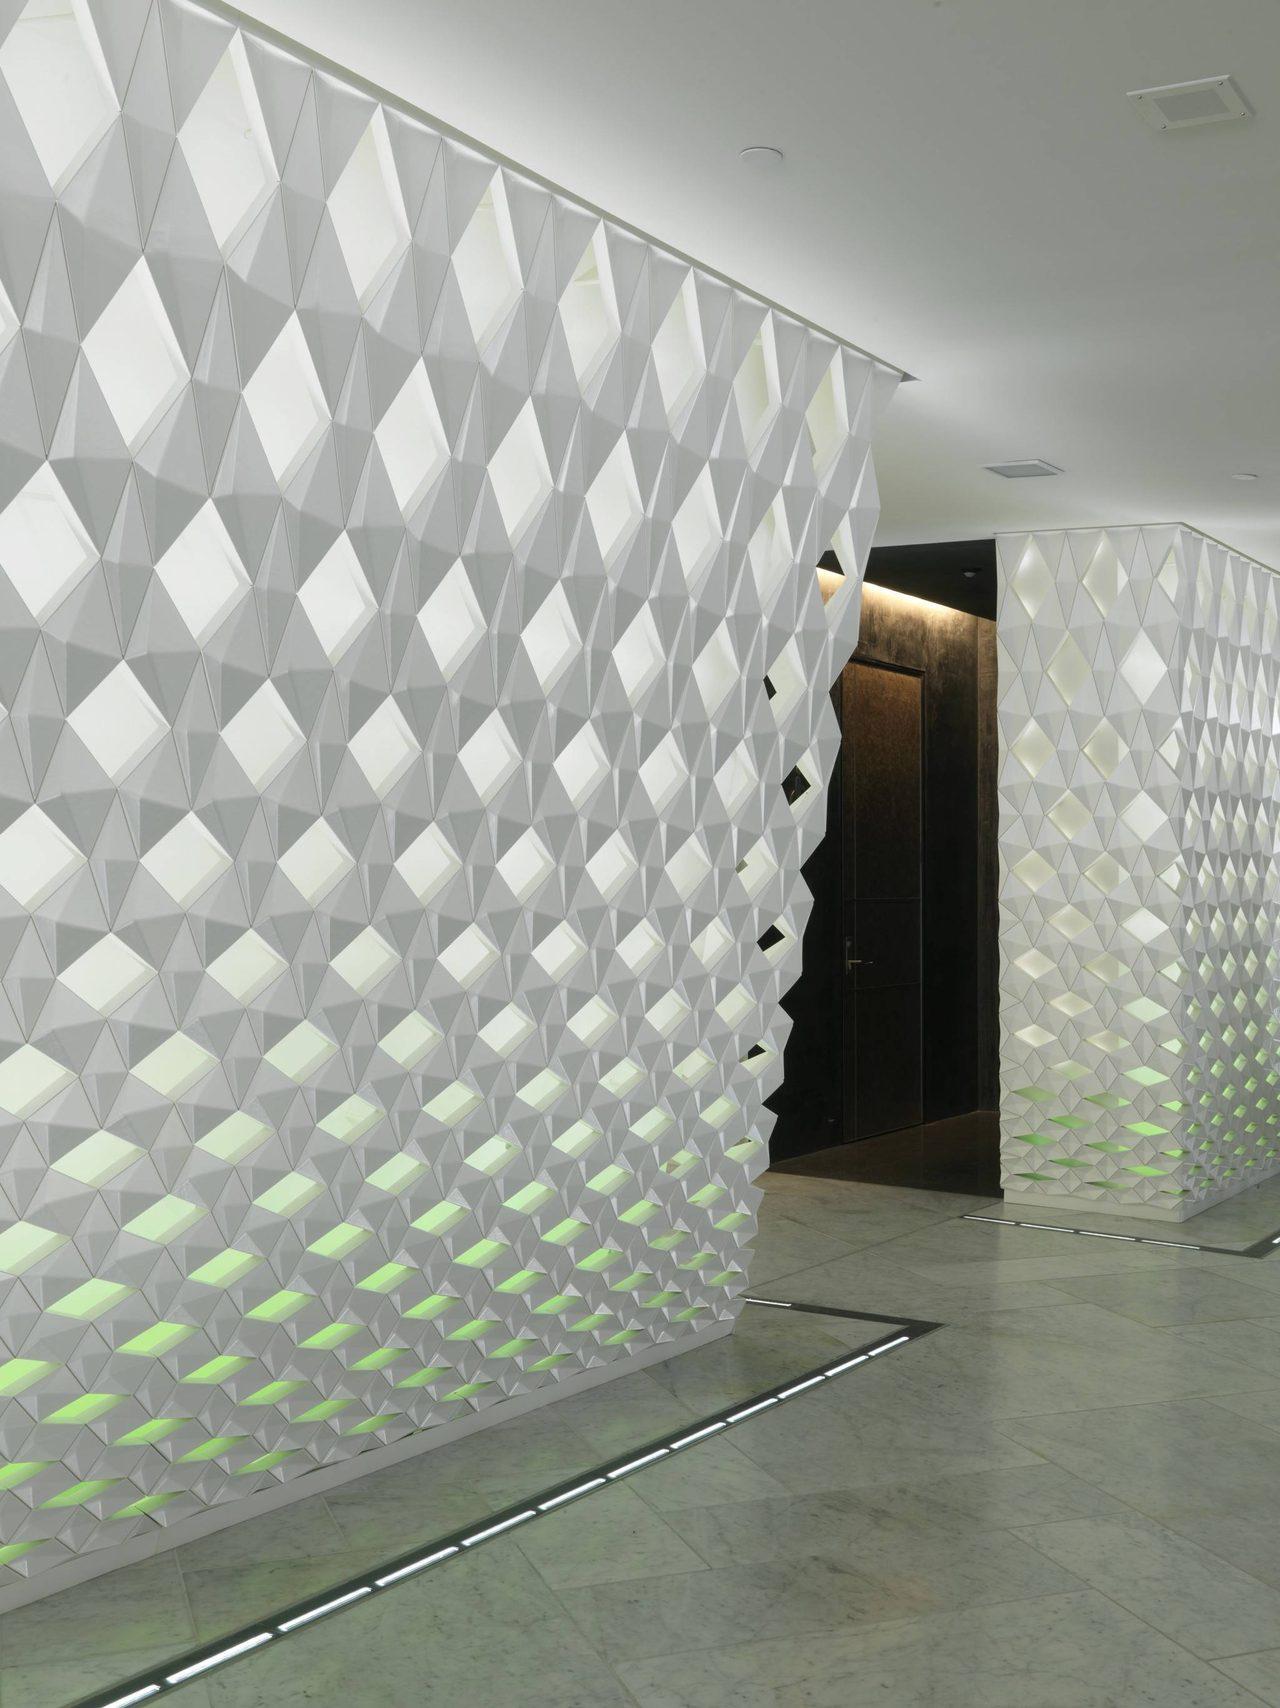 画像: クロークからトイレの入口を見る。壁面デザインはOlafur Eliasson(オラファー・エリアソン)©Jiri Havran snohetta.com